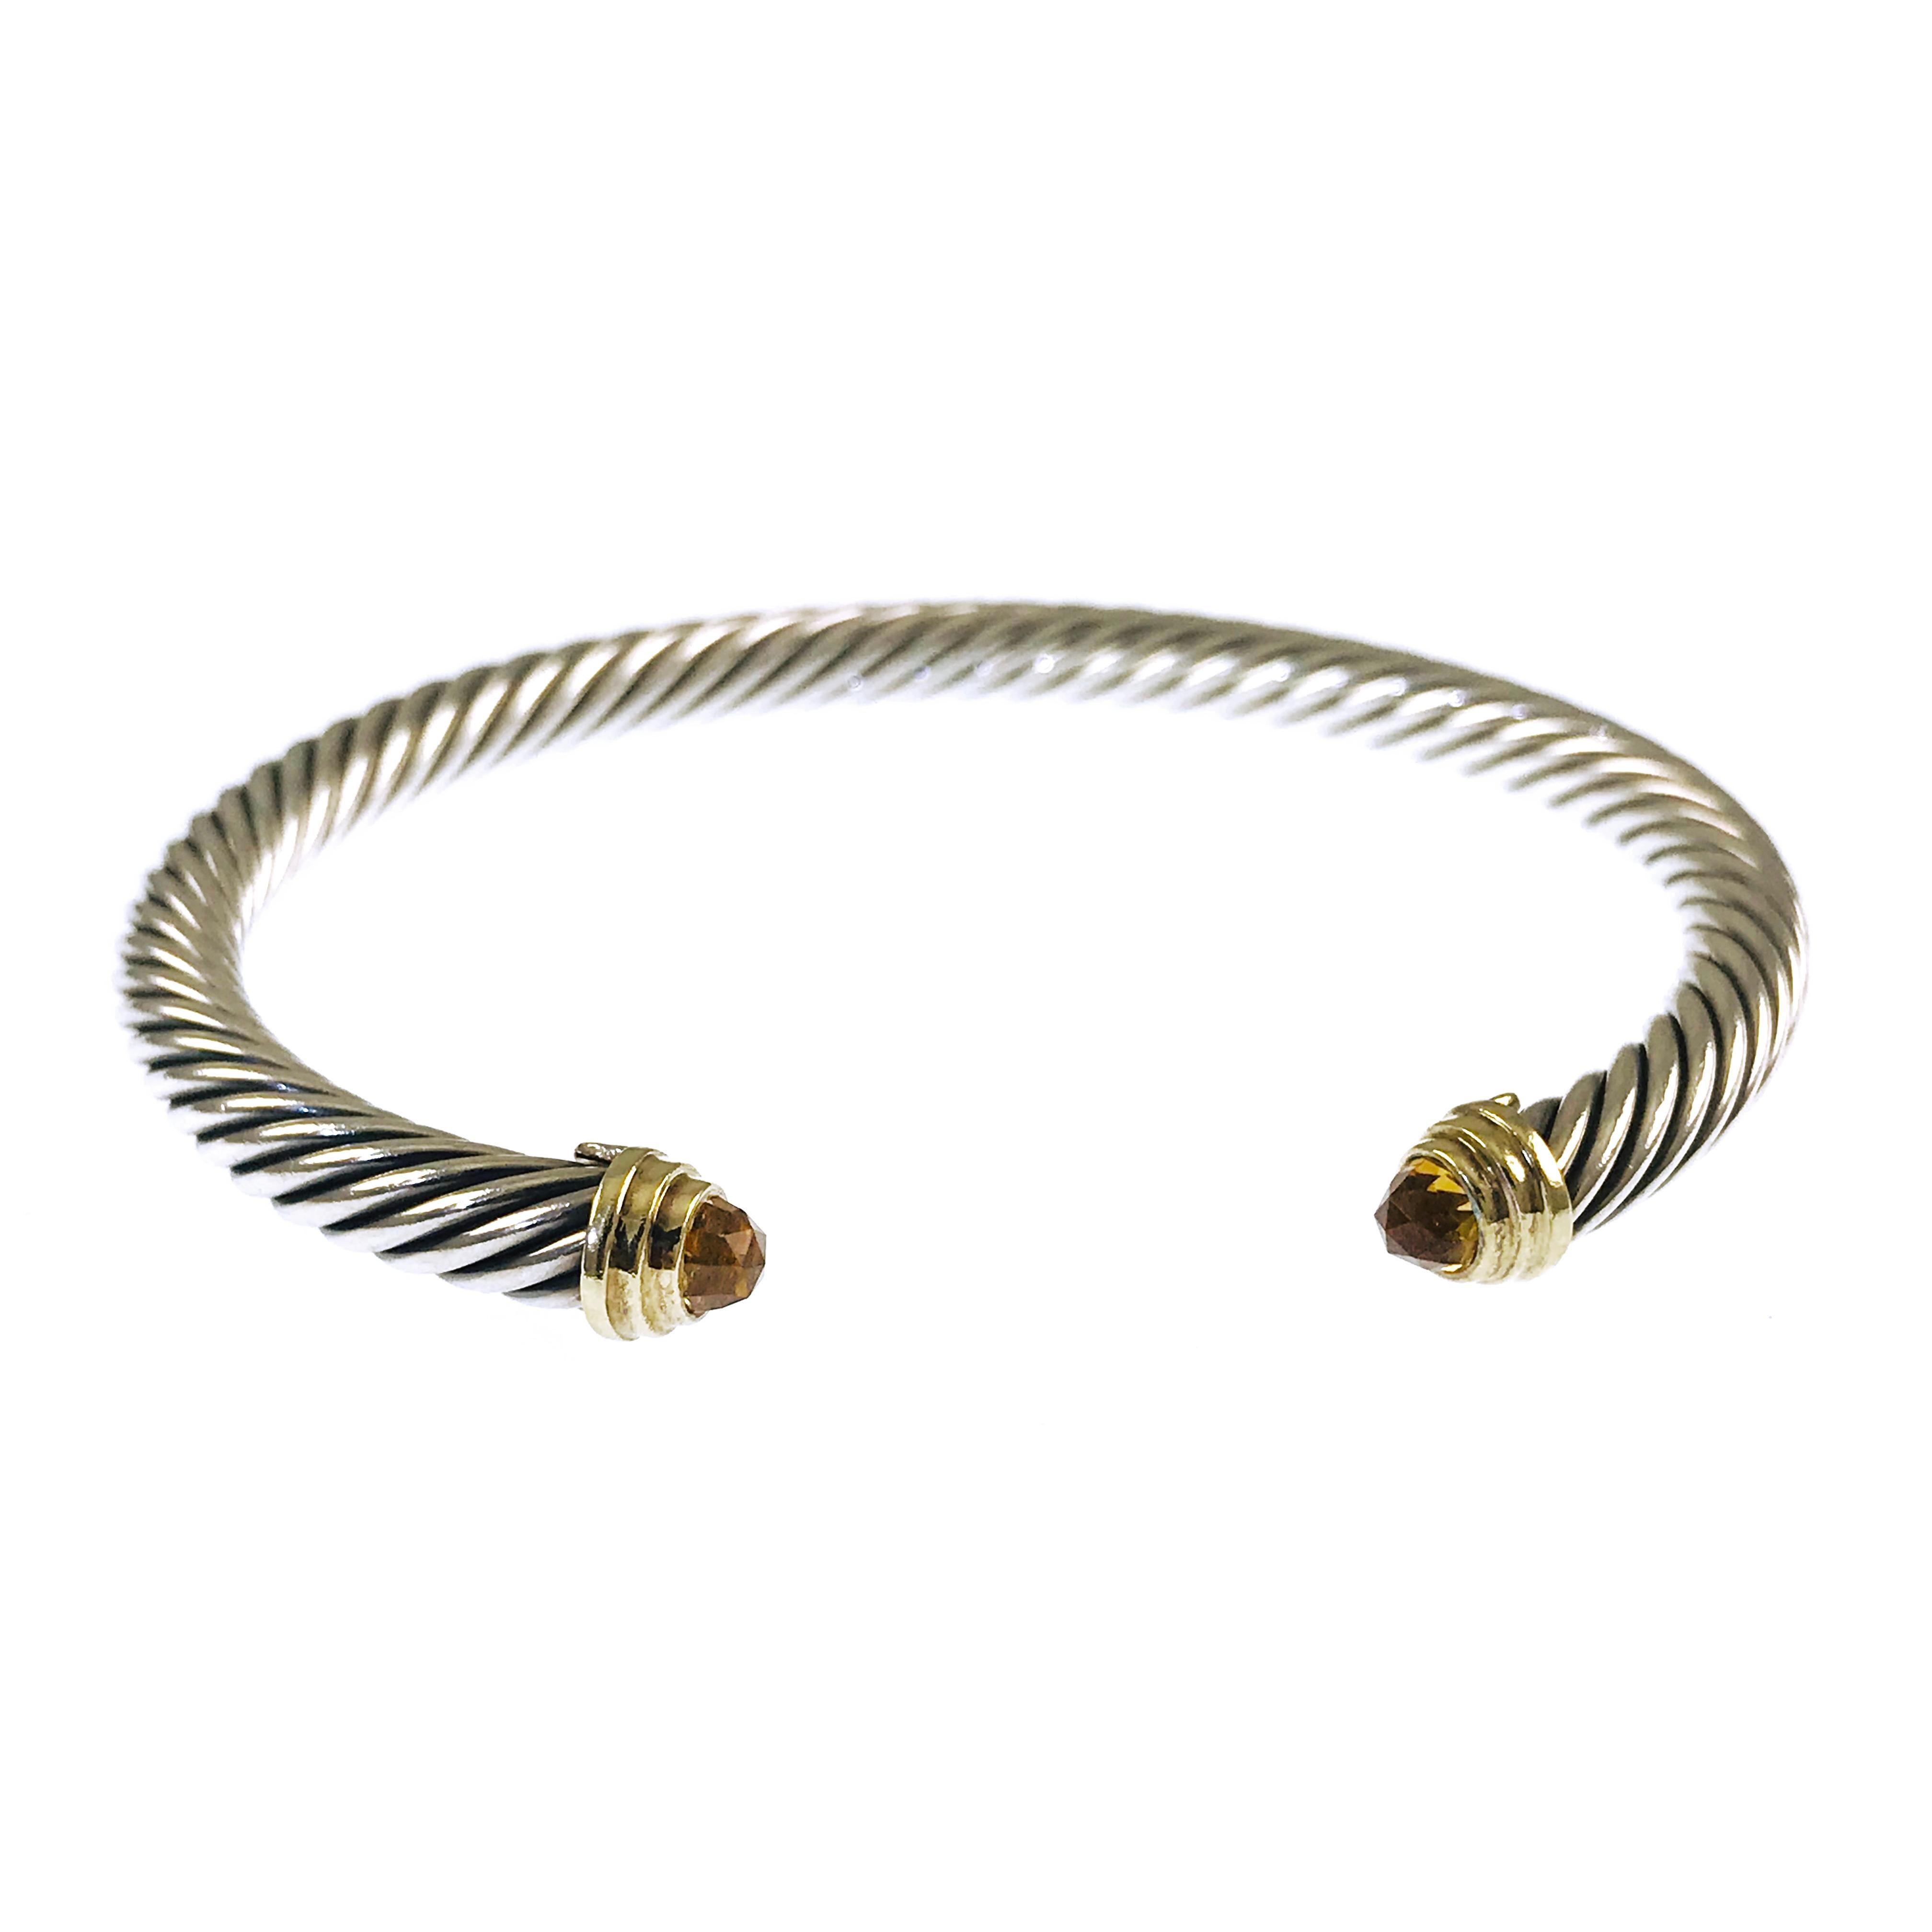 Cable Classic Bracelet